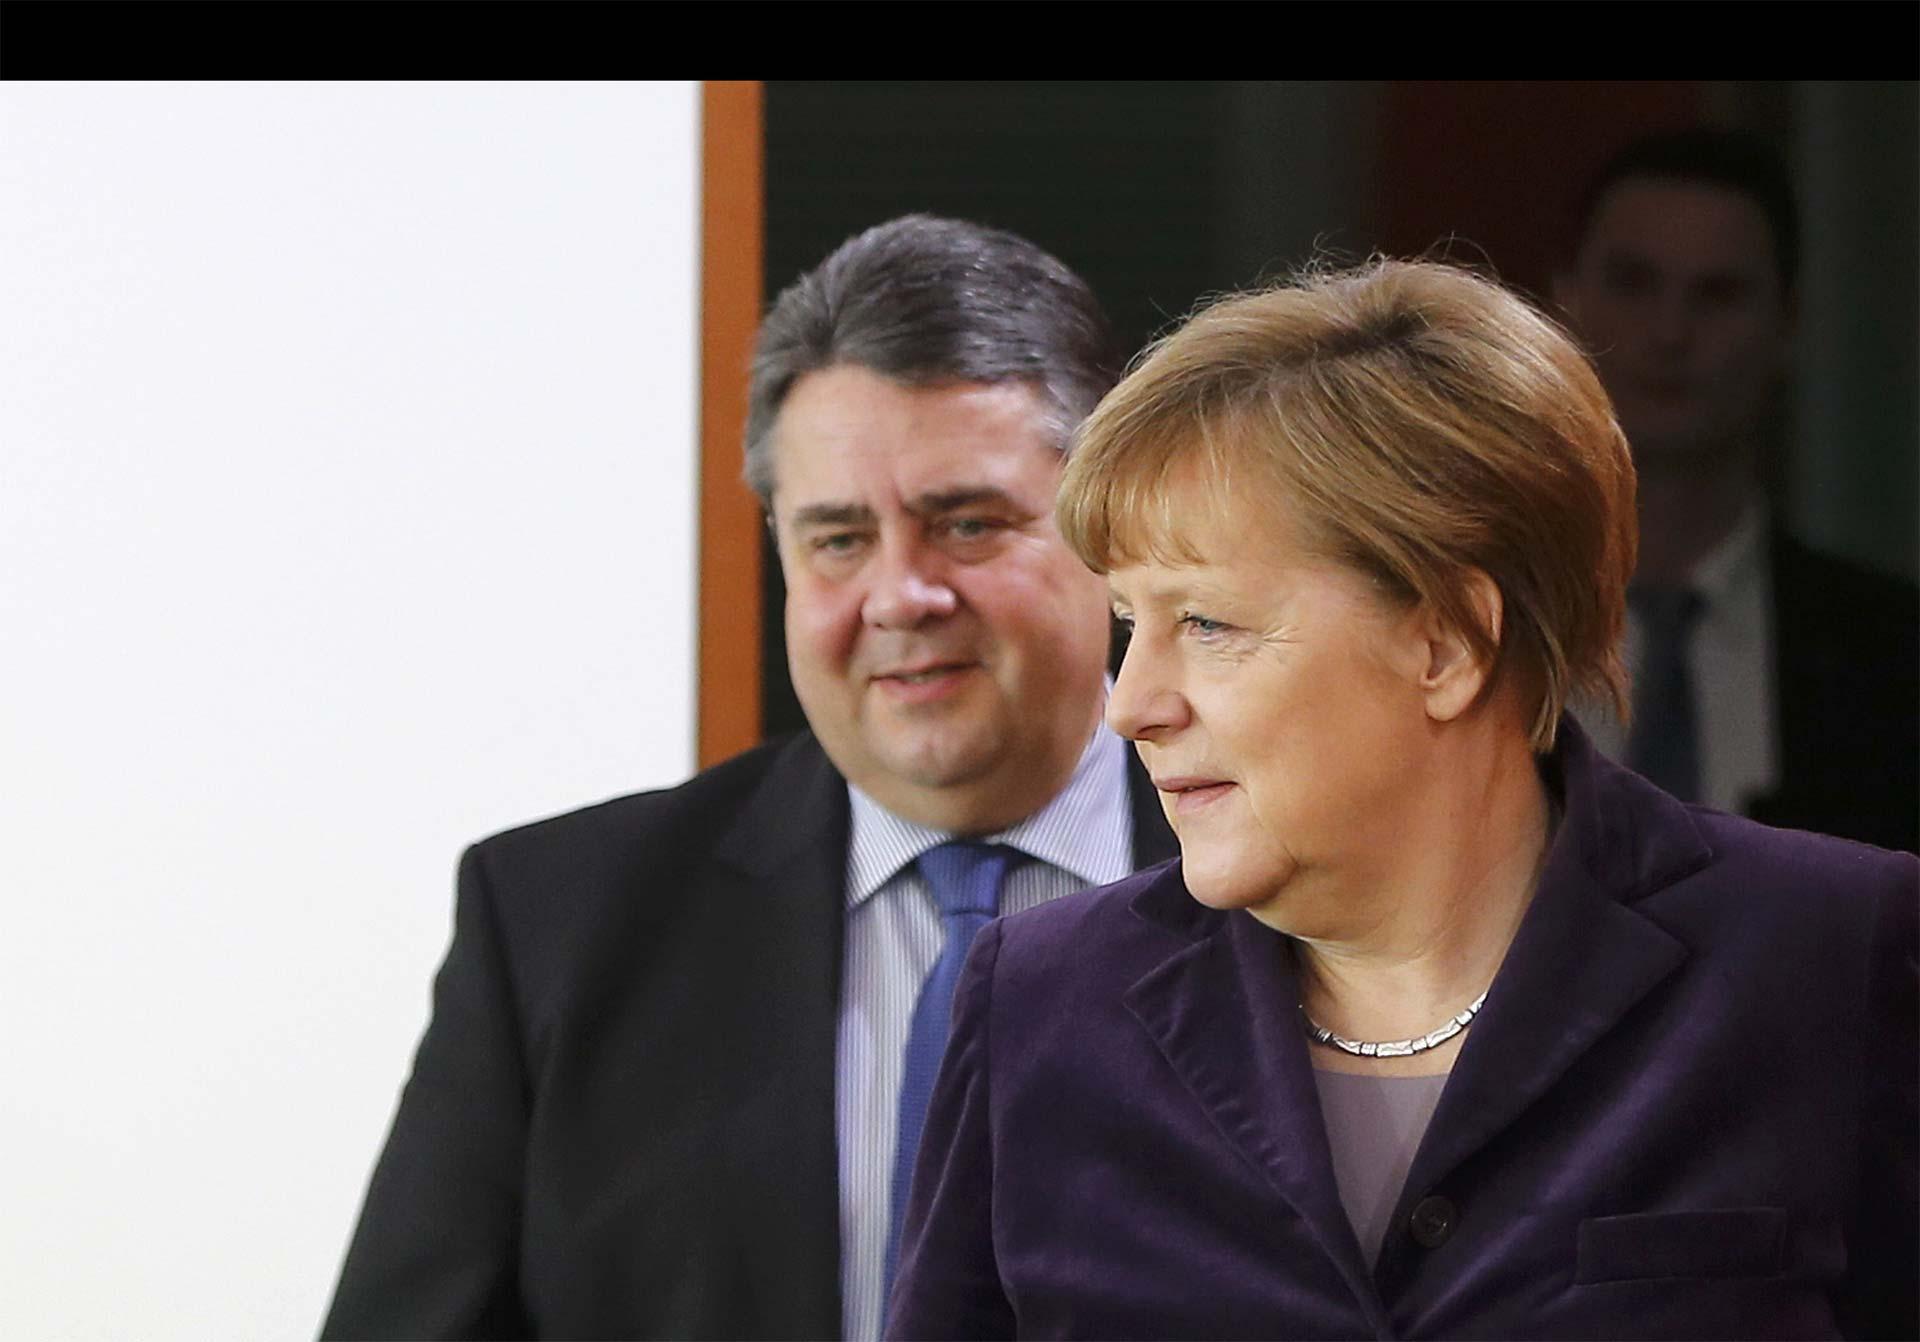 El ministro alemán de Economía, Sigmar Gabriel, asumió en el 2013 con la promesa de reducir la venta de armamento